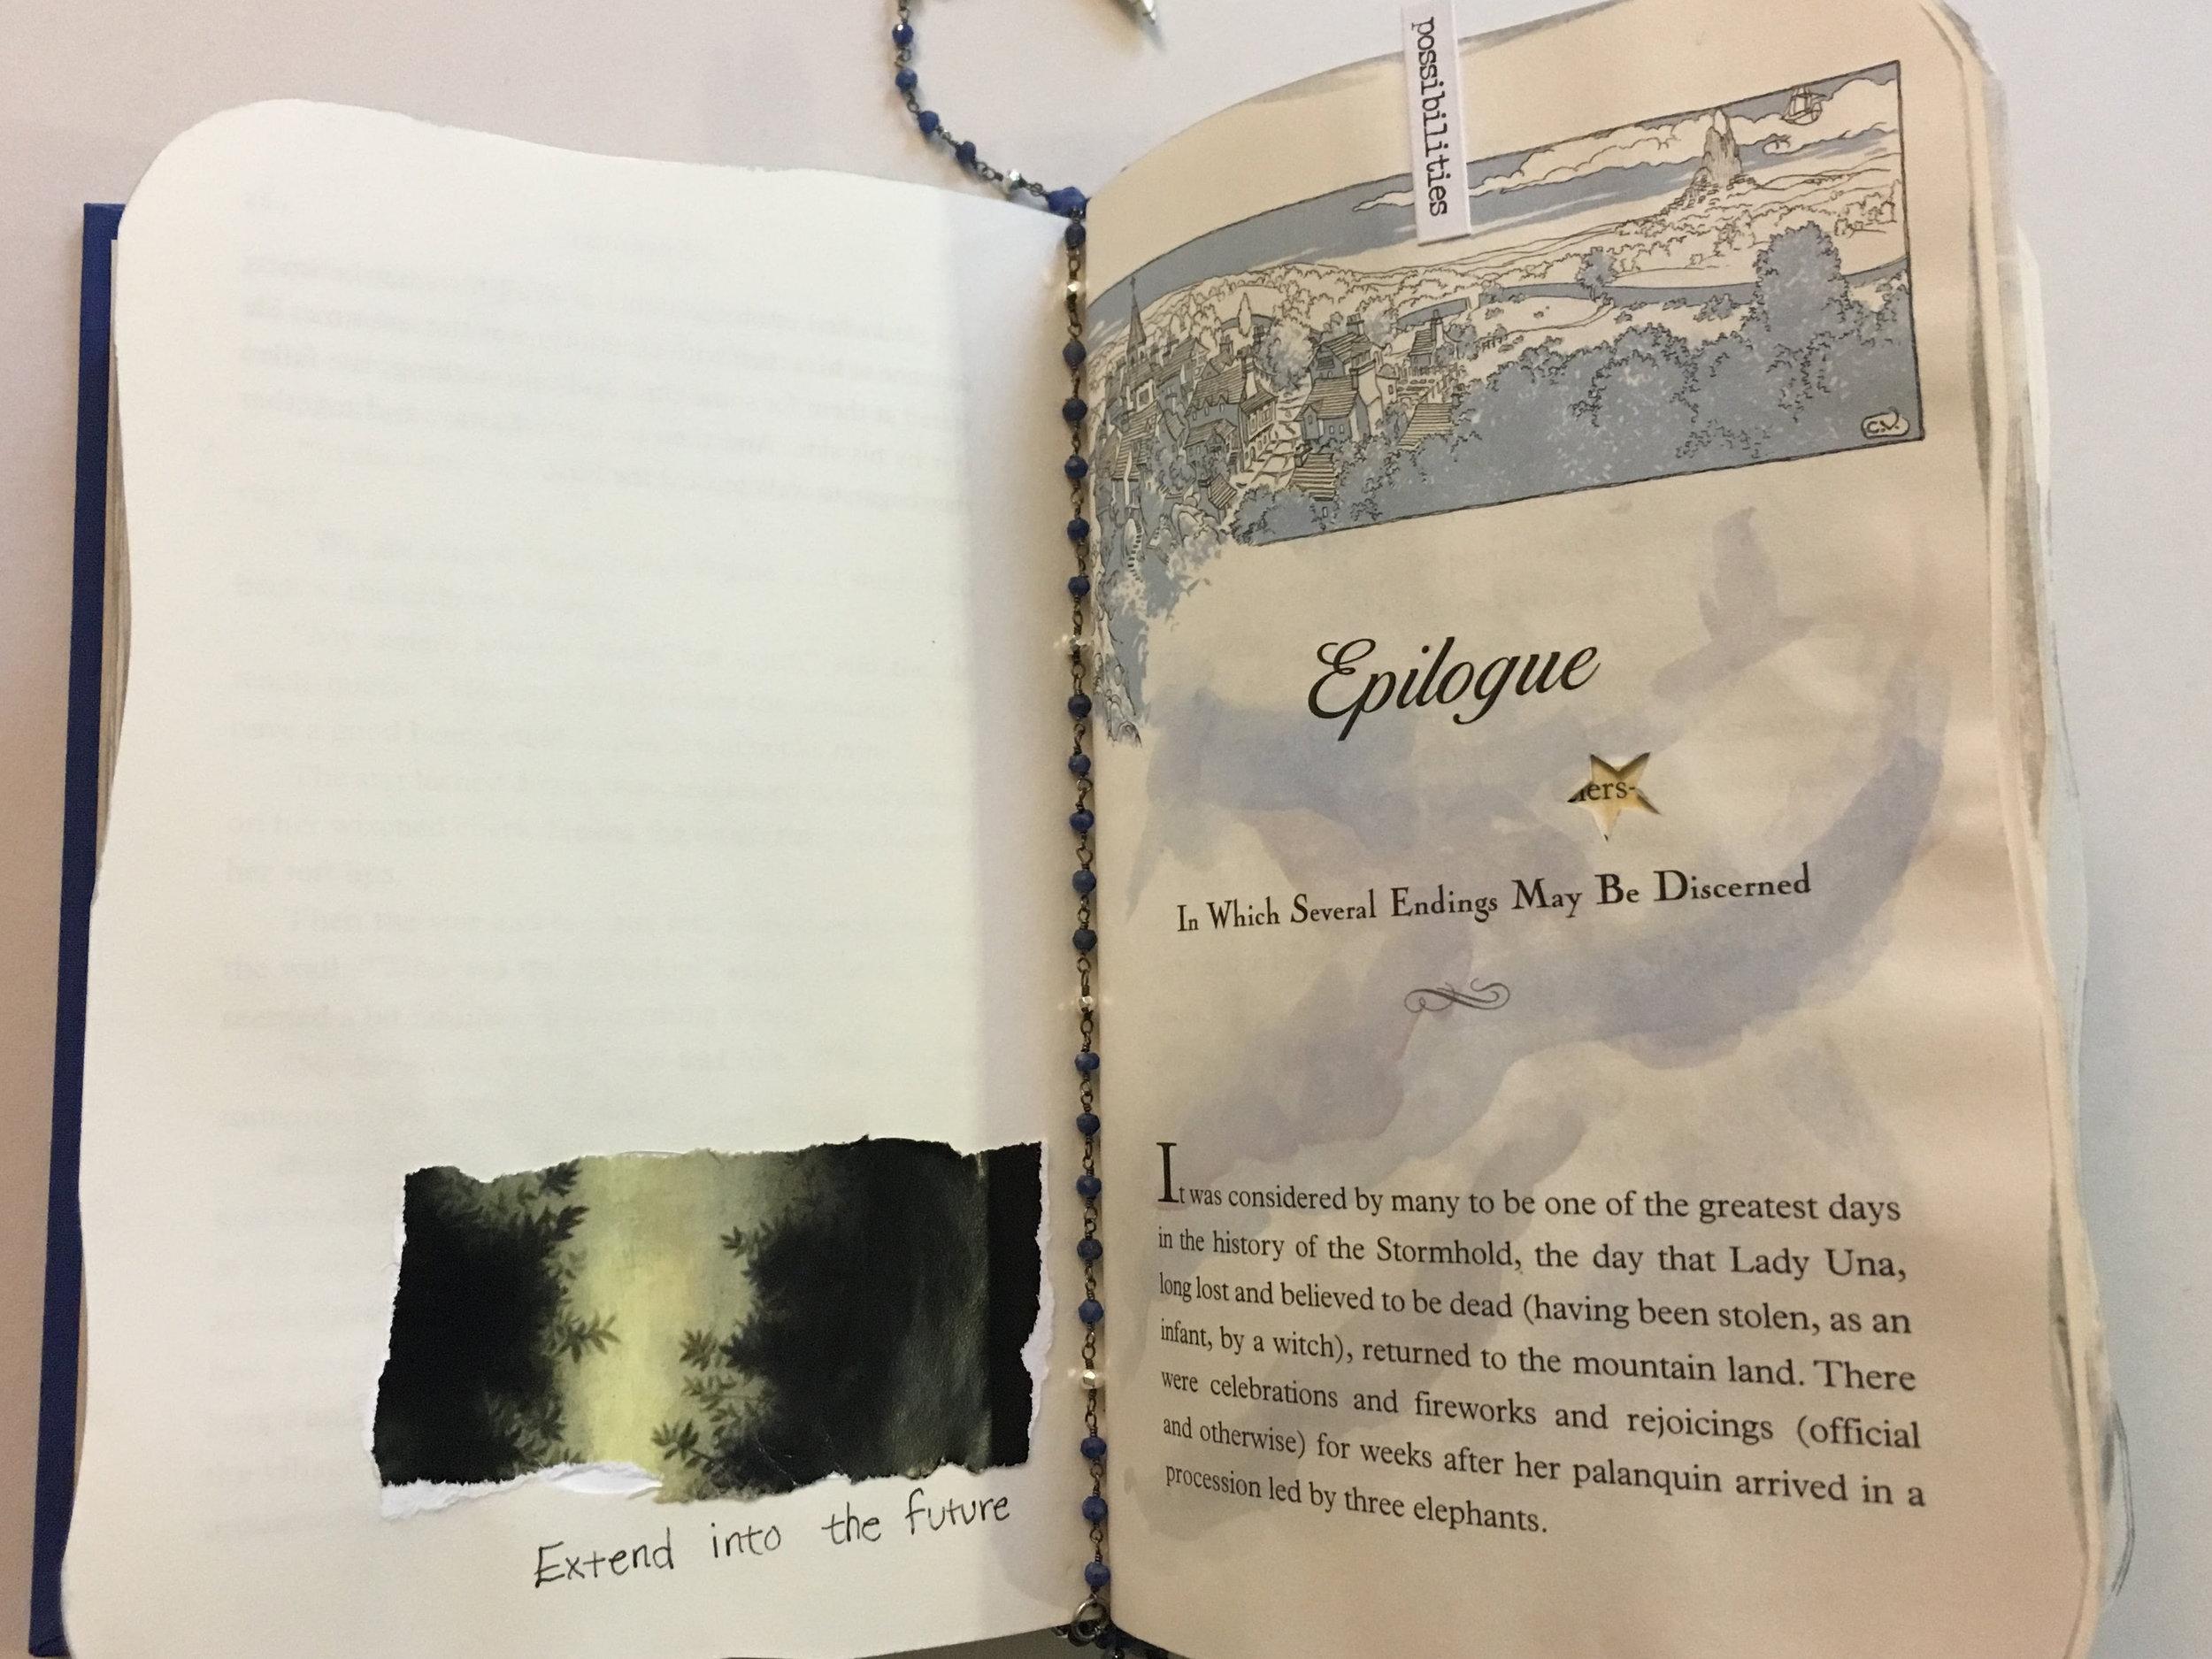 altered book11 - ch7 epilogue.jpg